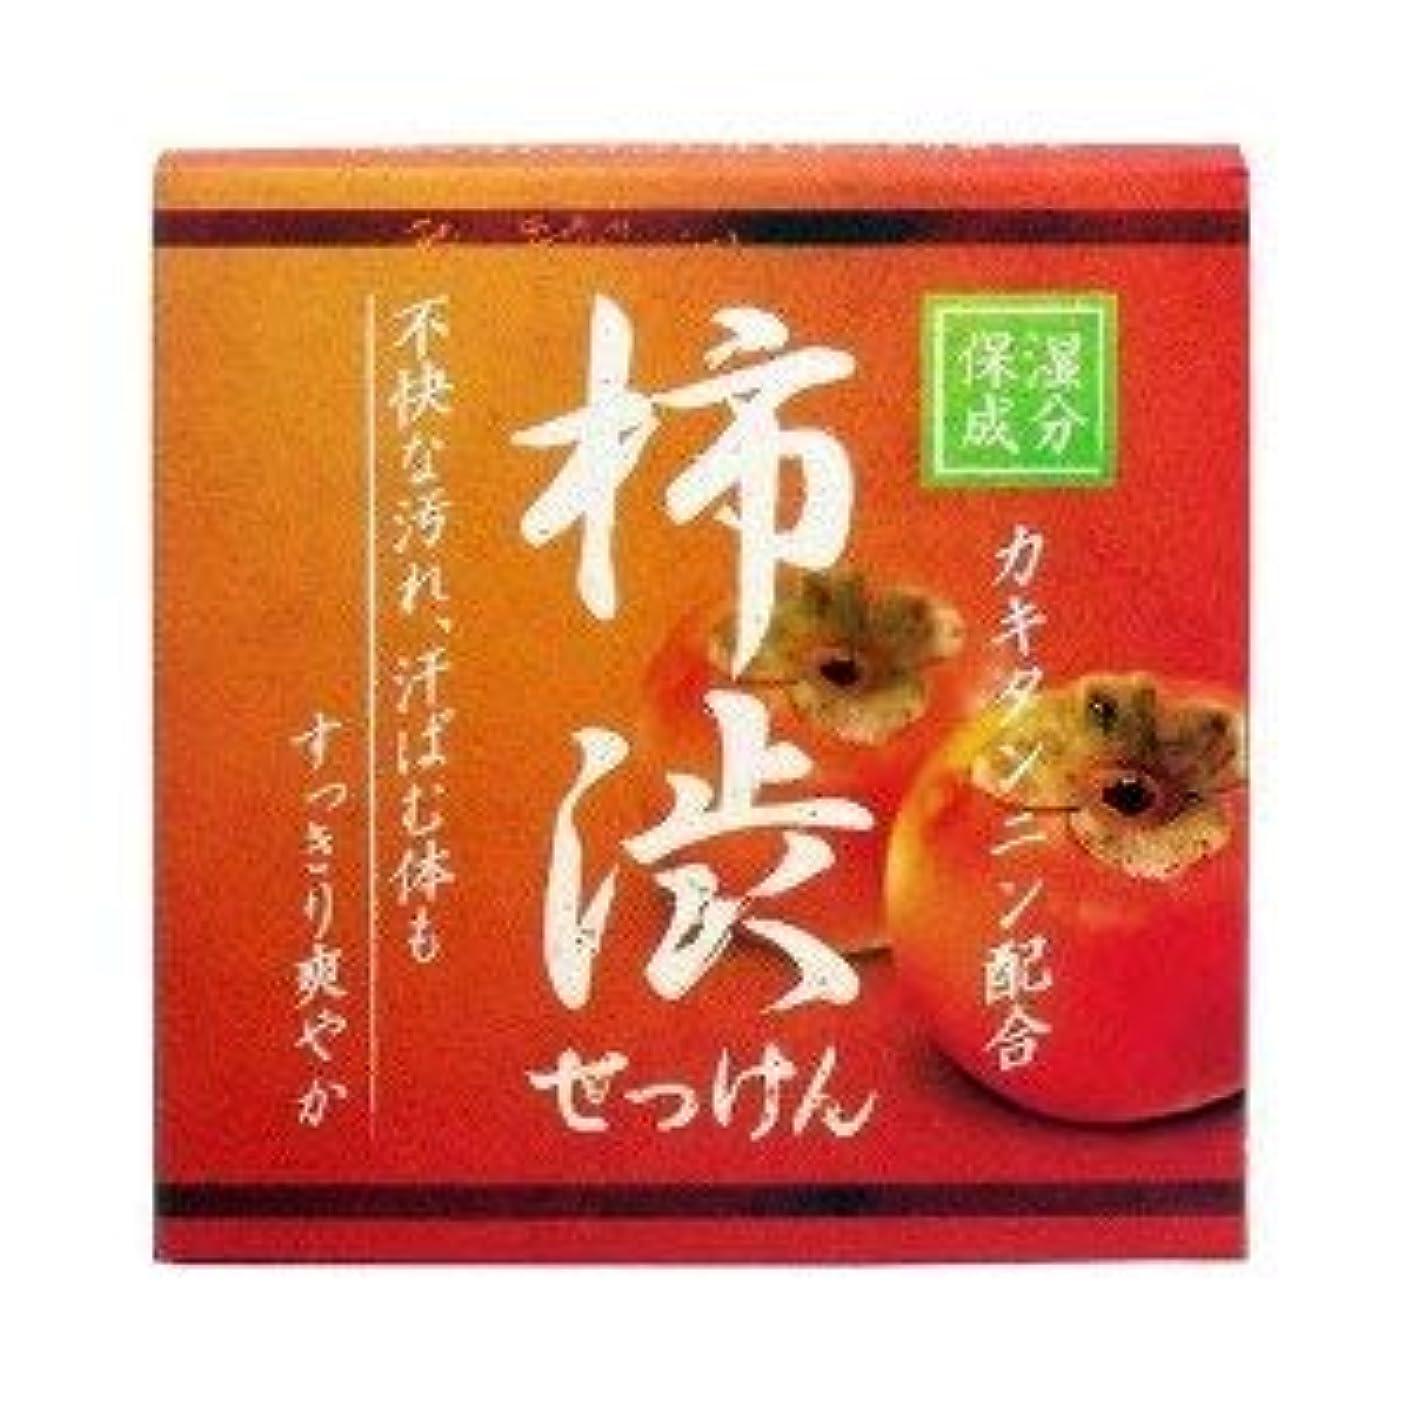 マキシムわがまま第三柿渋配合せっけん カキタンニン配合保湿成分 80g×2 2個1セット 石鹸